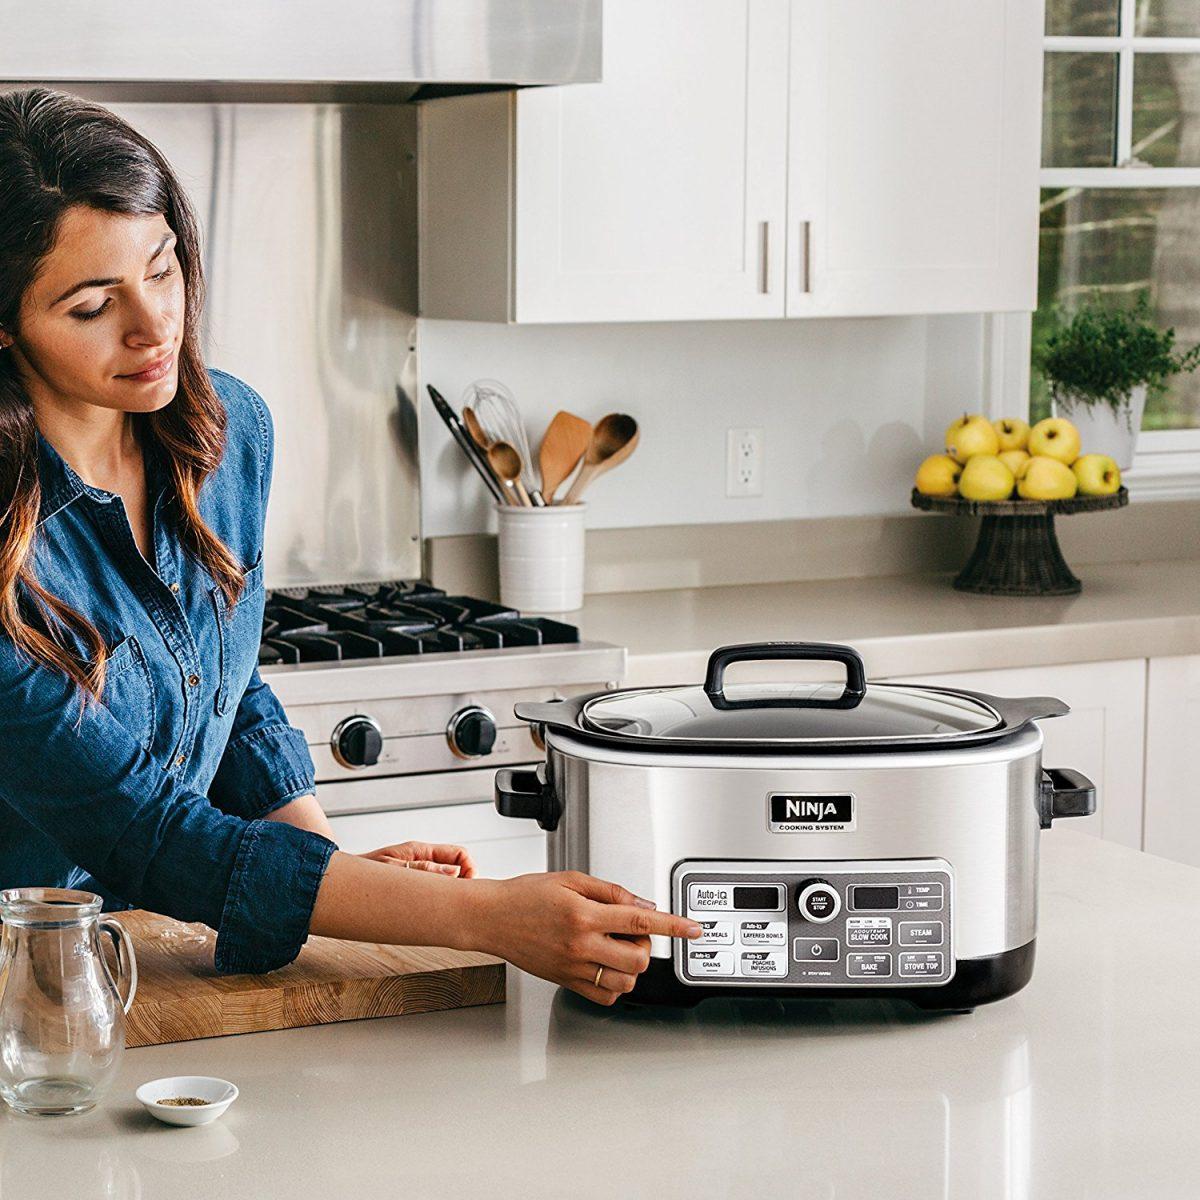 Ninja Kitchen Slow Cooker